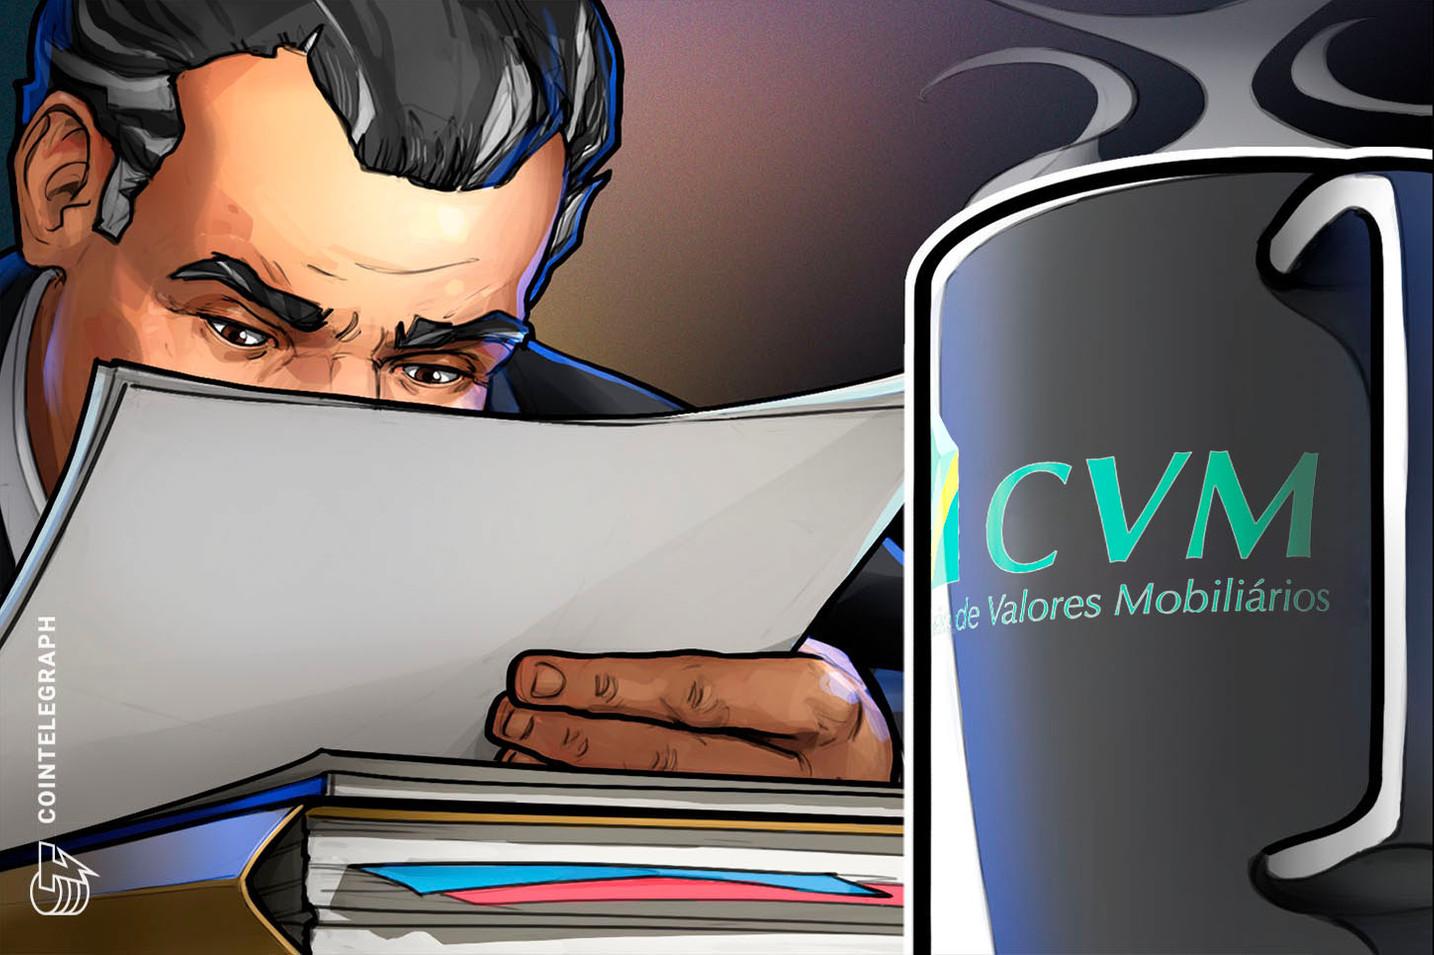 Investigada pela CVM, empresa de marketing multinível YouXWallet faz ação social na Rocinha mas atua irregular no Brasil